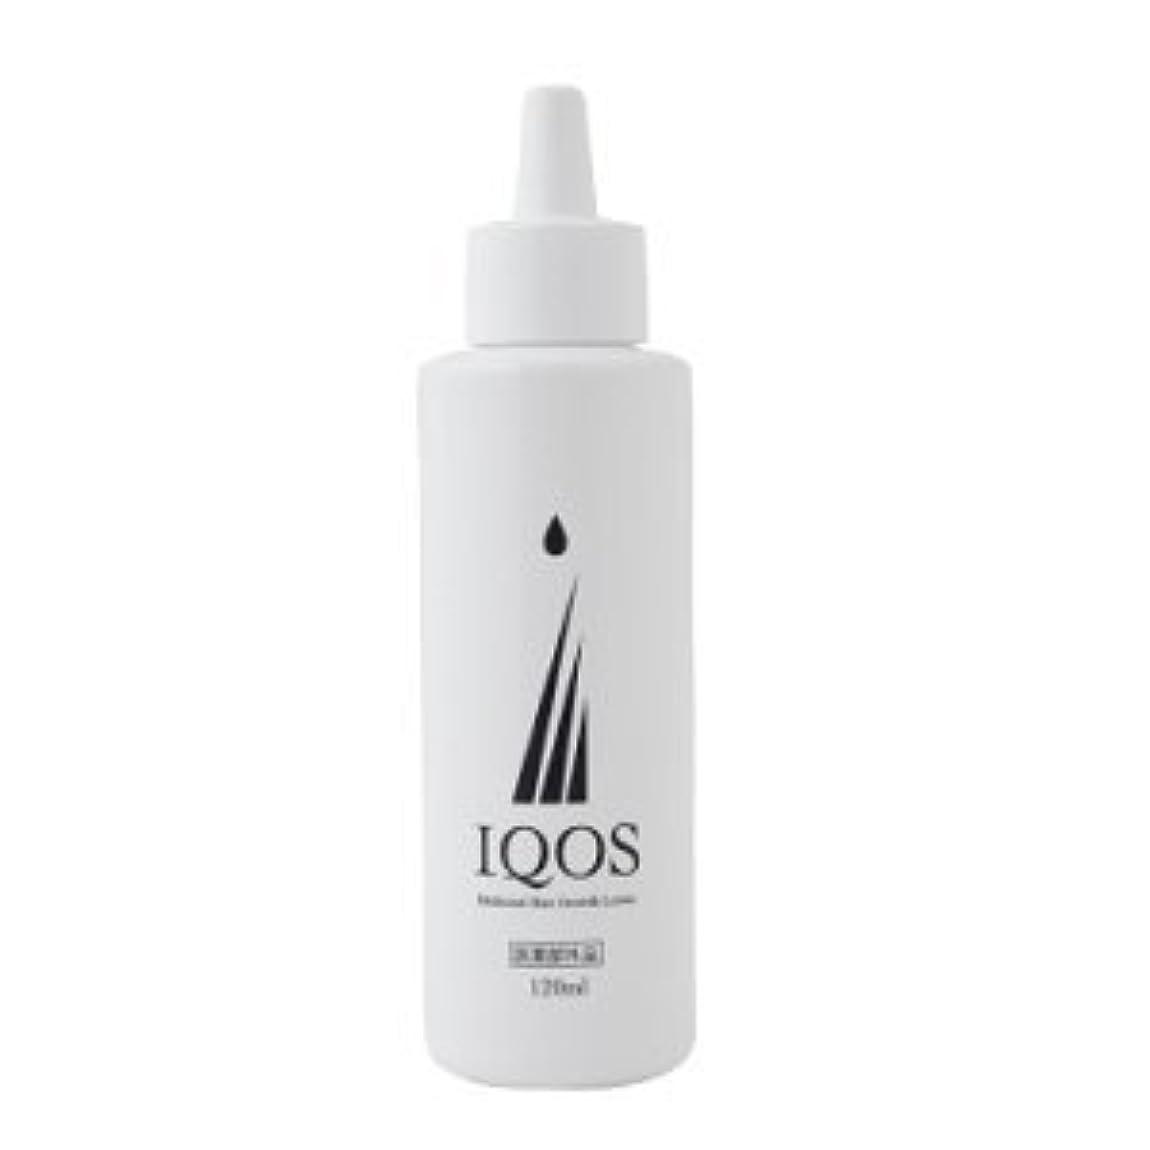 縞模様の配列習字M-034を最大級配合 薬用育毛剤 IQOS イクオス 120ml